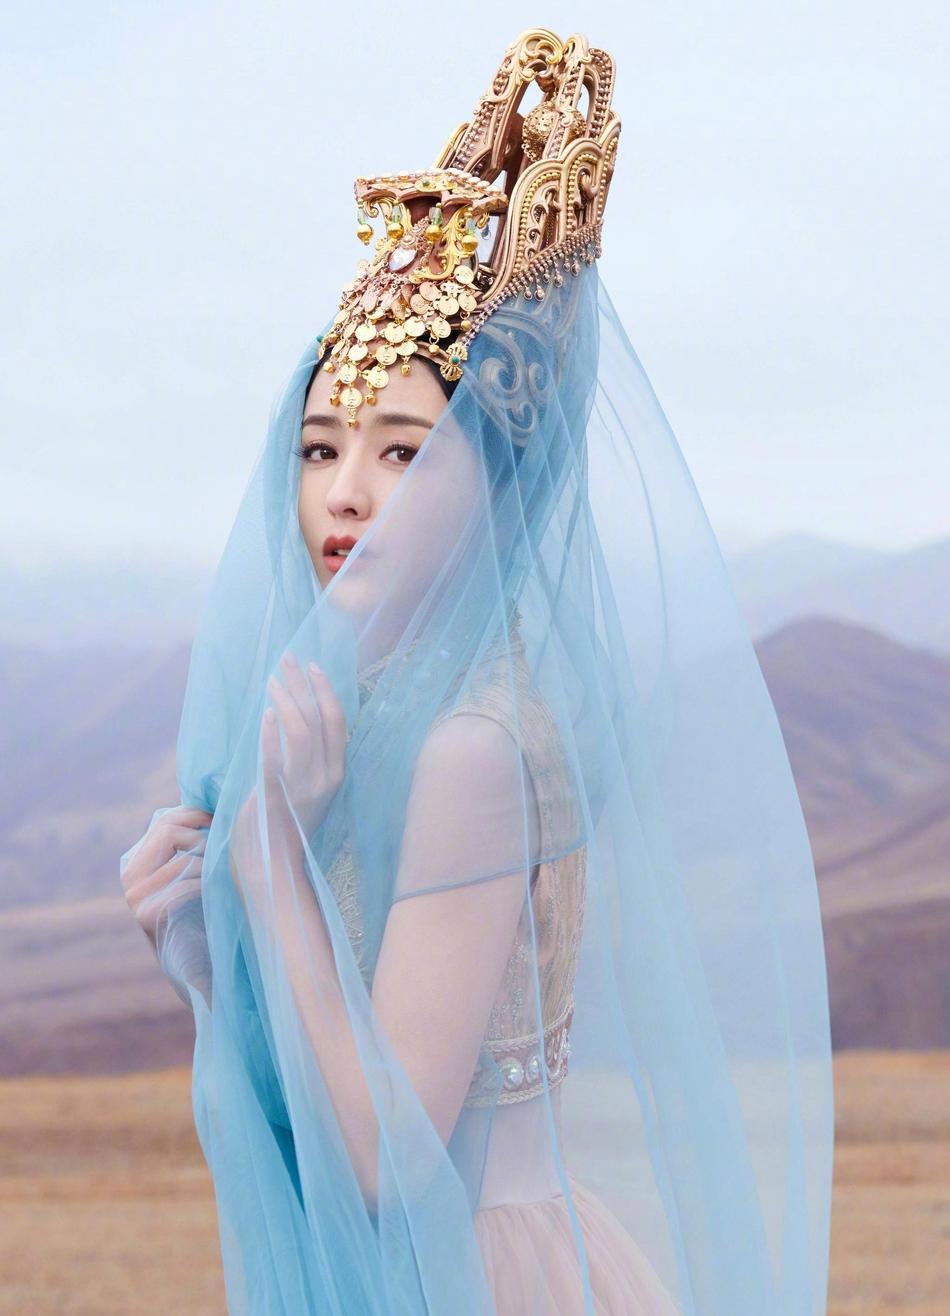 美若天仙!佟麗婭舞劇海報首度曝光 身姿曼妙顏值高化身絕美少女